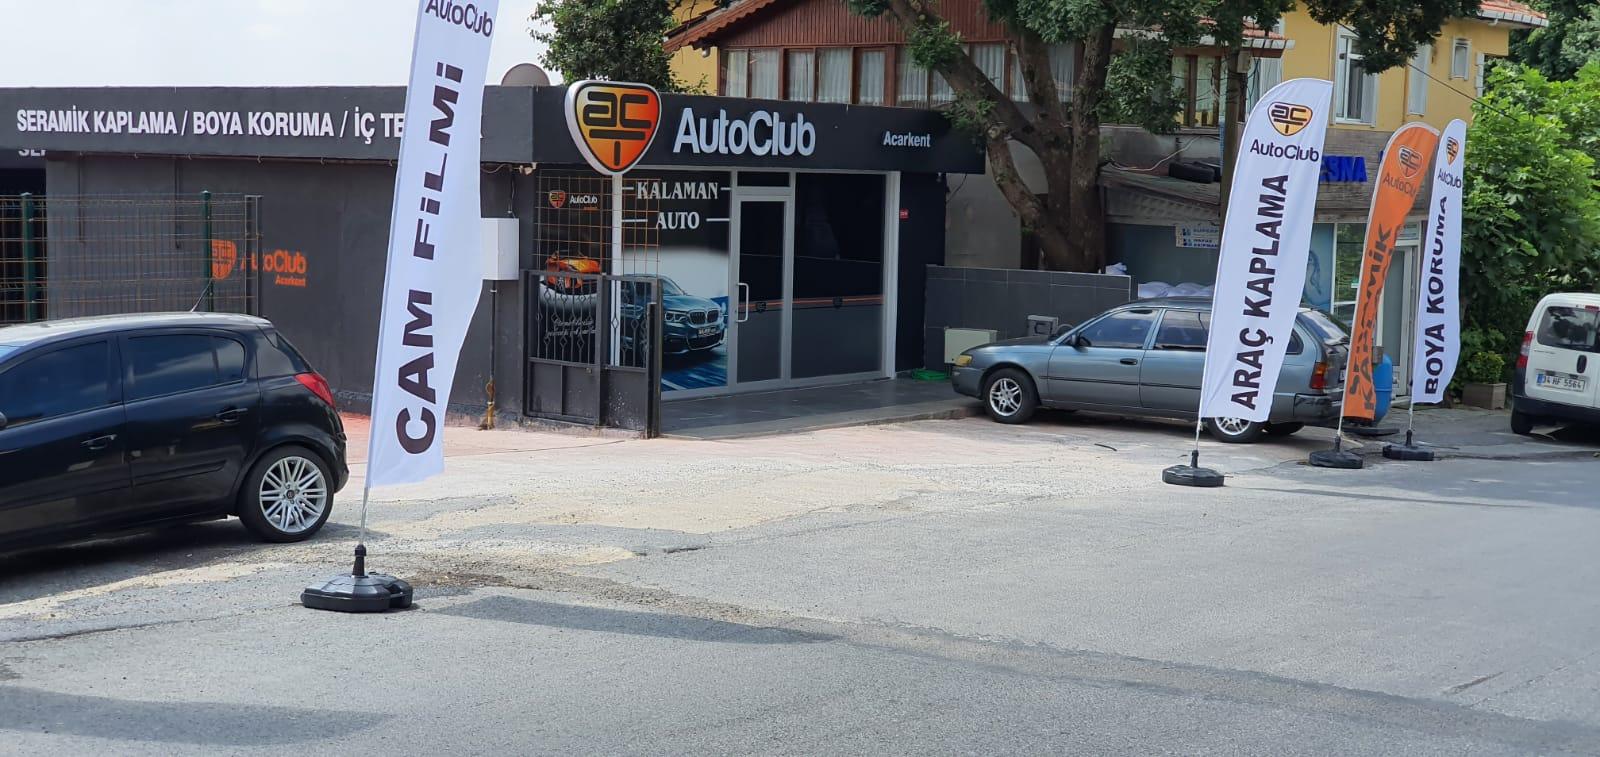 AutoClub Acarkent - İstanbul Acarkent